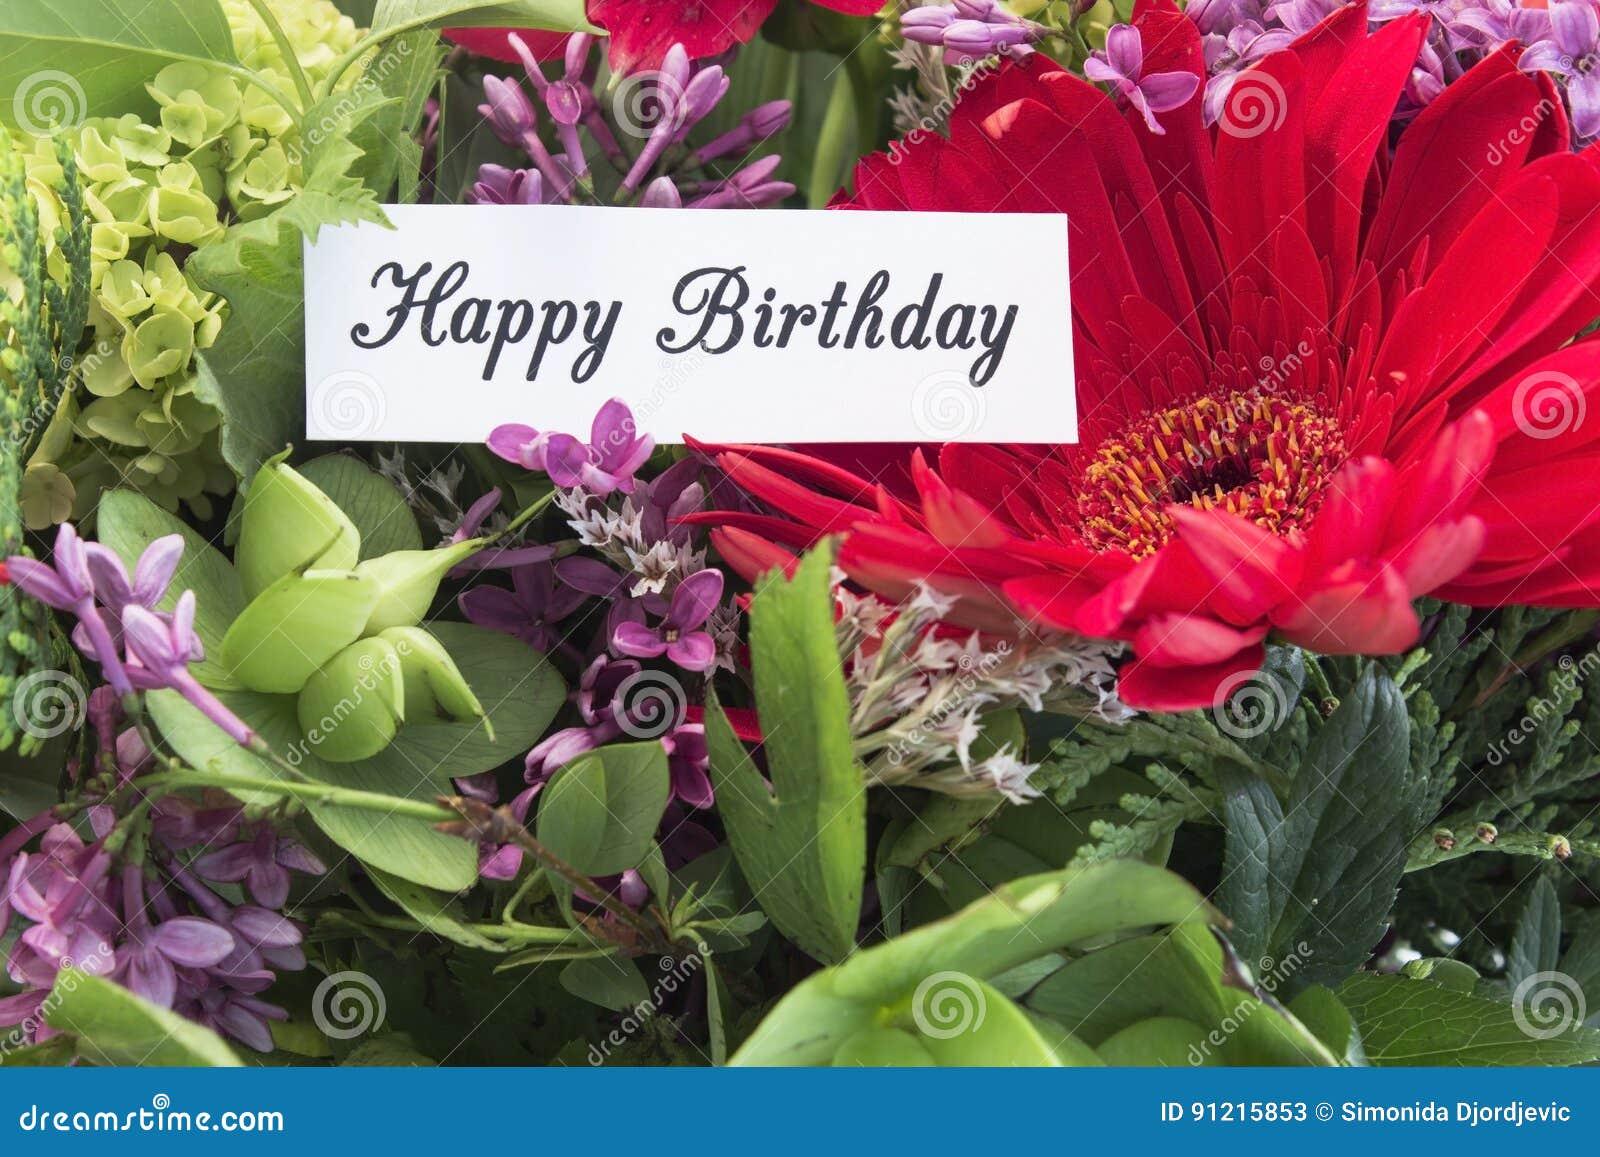 Wszystkiego Najlepszego Z Okazji Urodzin Withf Wiosny Karciani